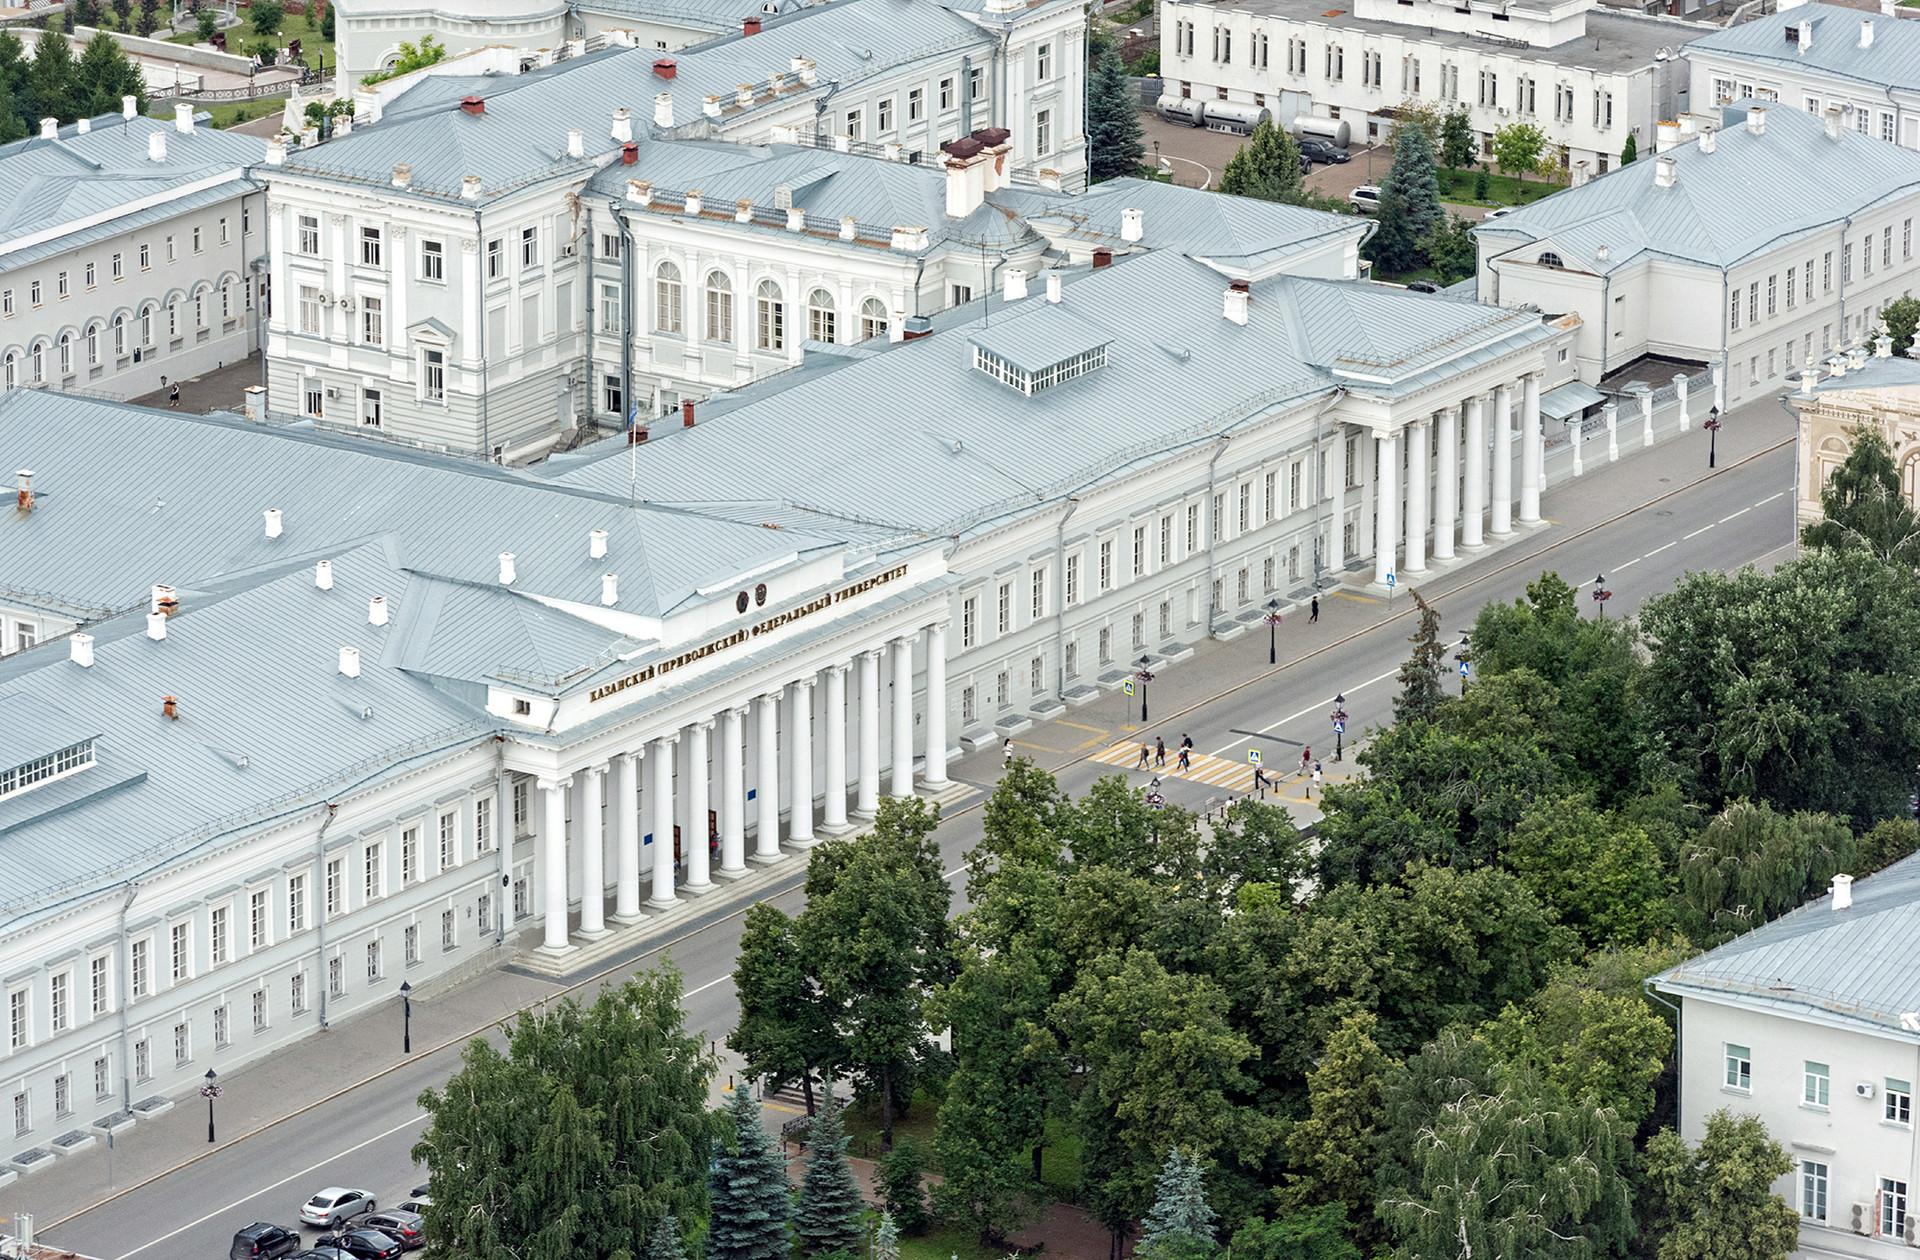 Gedung Universitas Negeri Kazan (KGU)